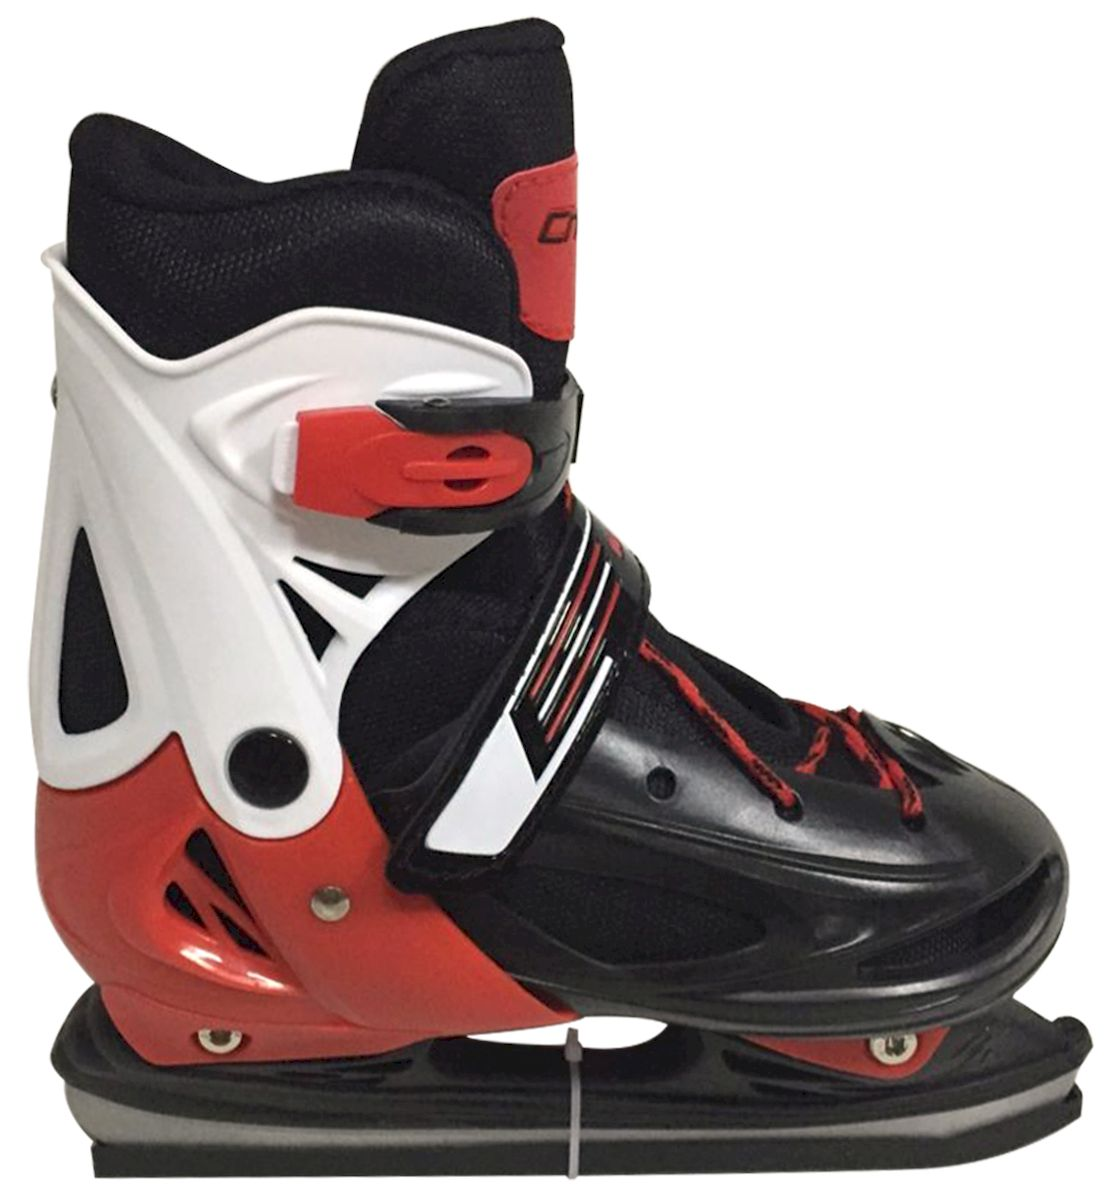 Коньки ледовые Ice Blade Charlie, раздвижные, цвет: черный, красный, белый. УТ-00009120. Размер XS (26/29)